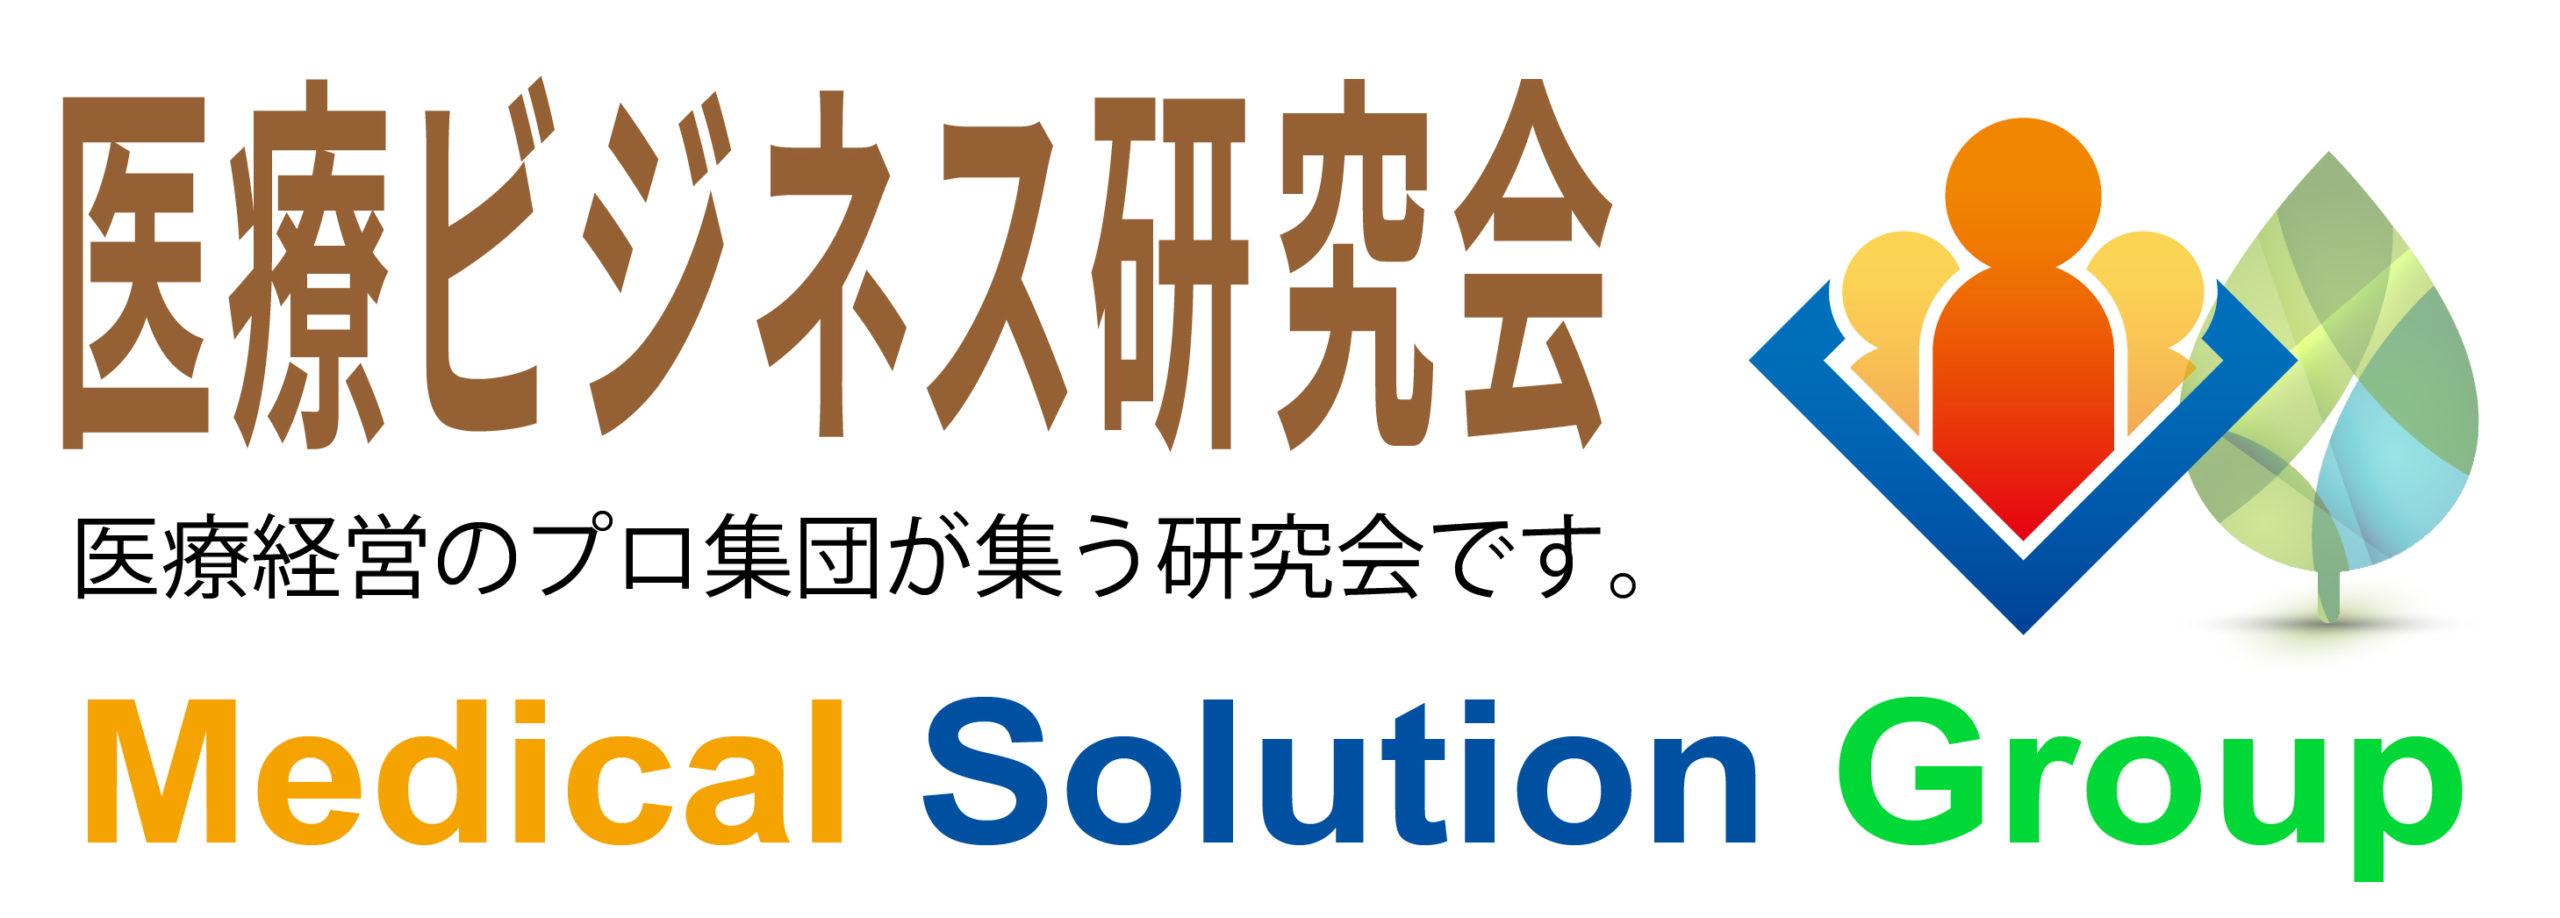 医療ビジネス研究会